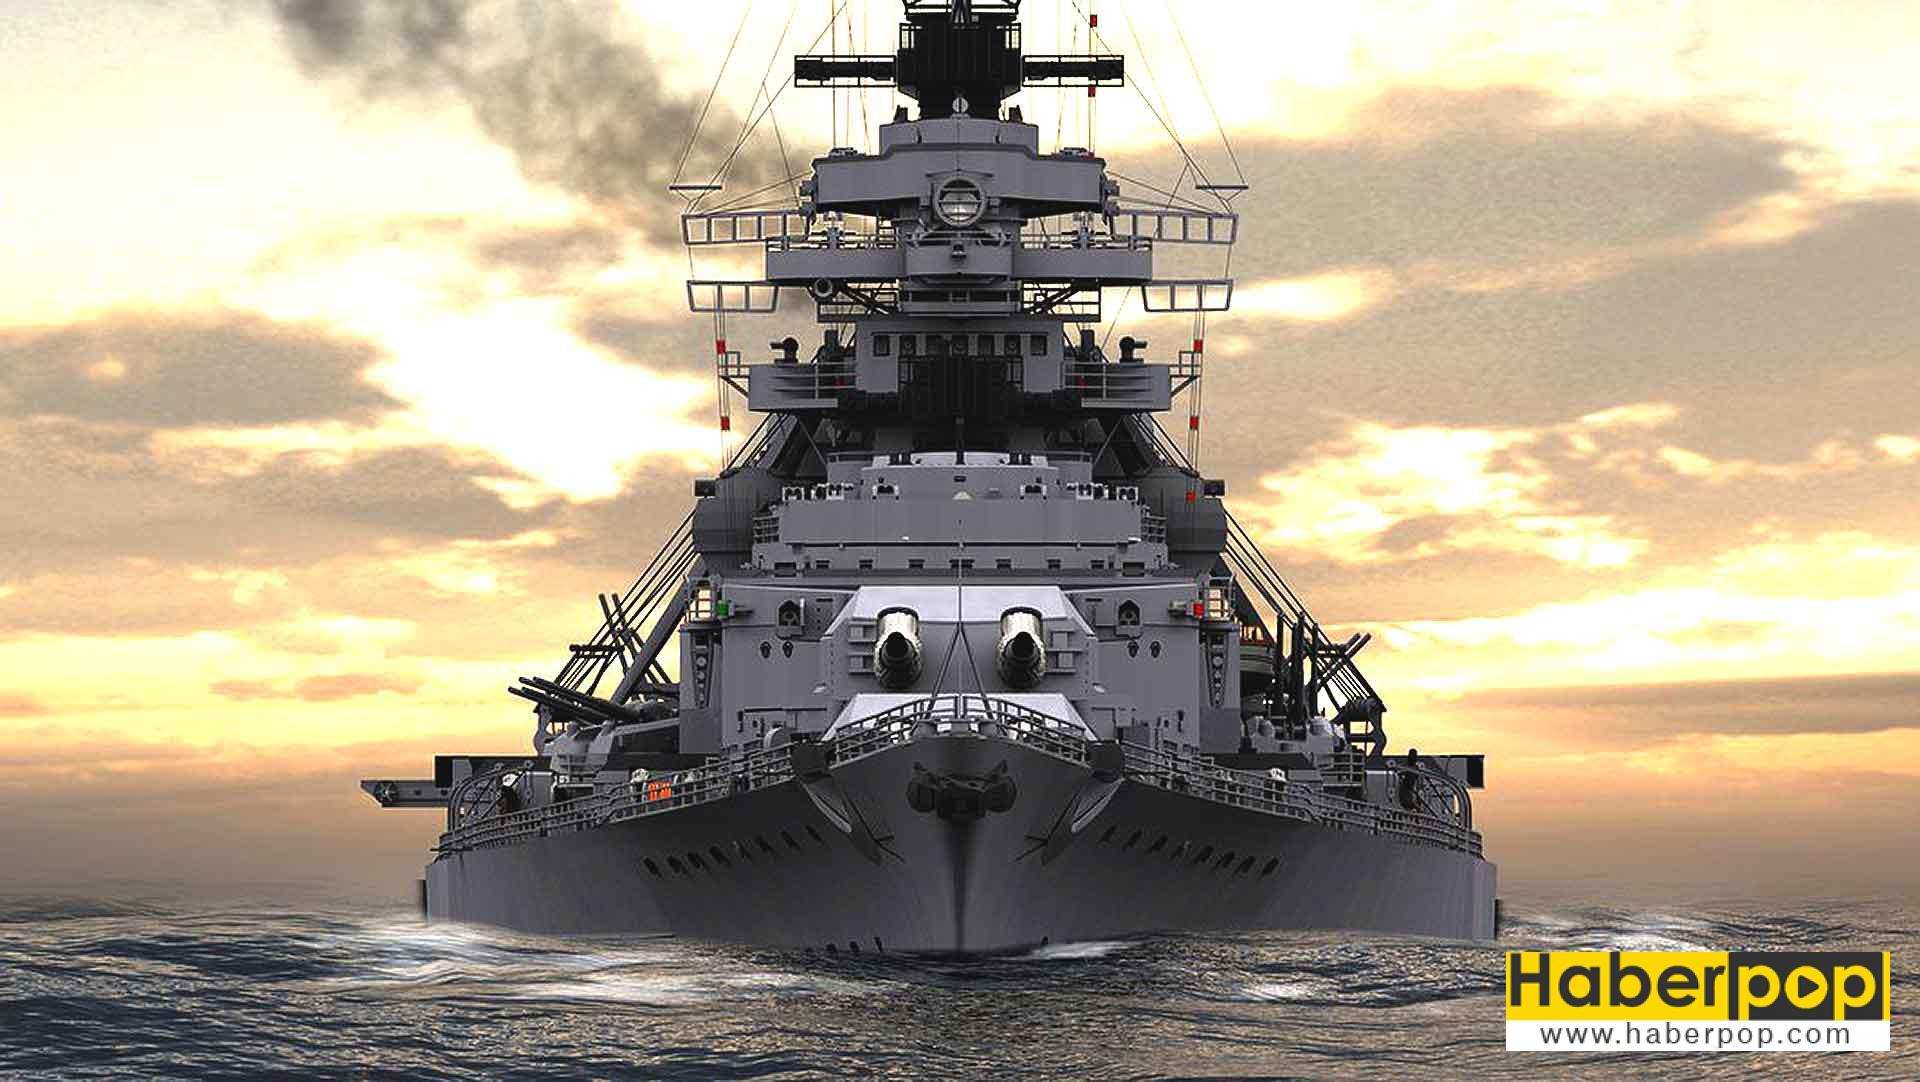 Dünyanın en büyük ve en güçlü savaş gemileri: Bismarck